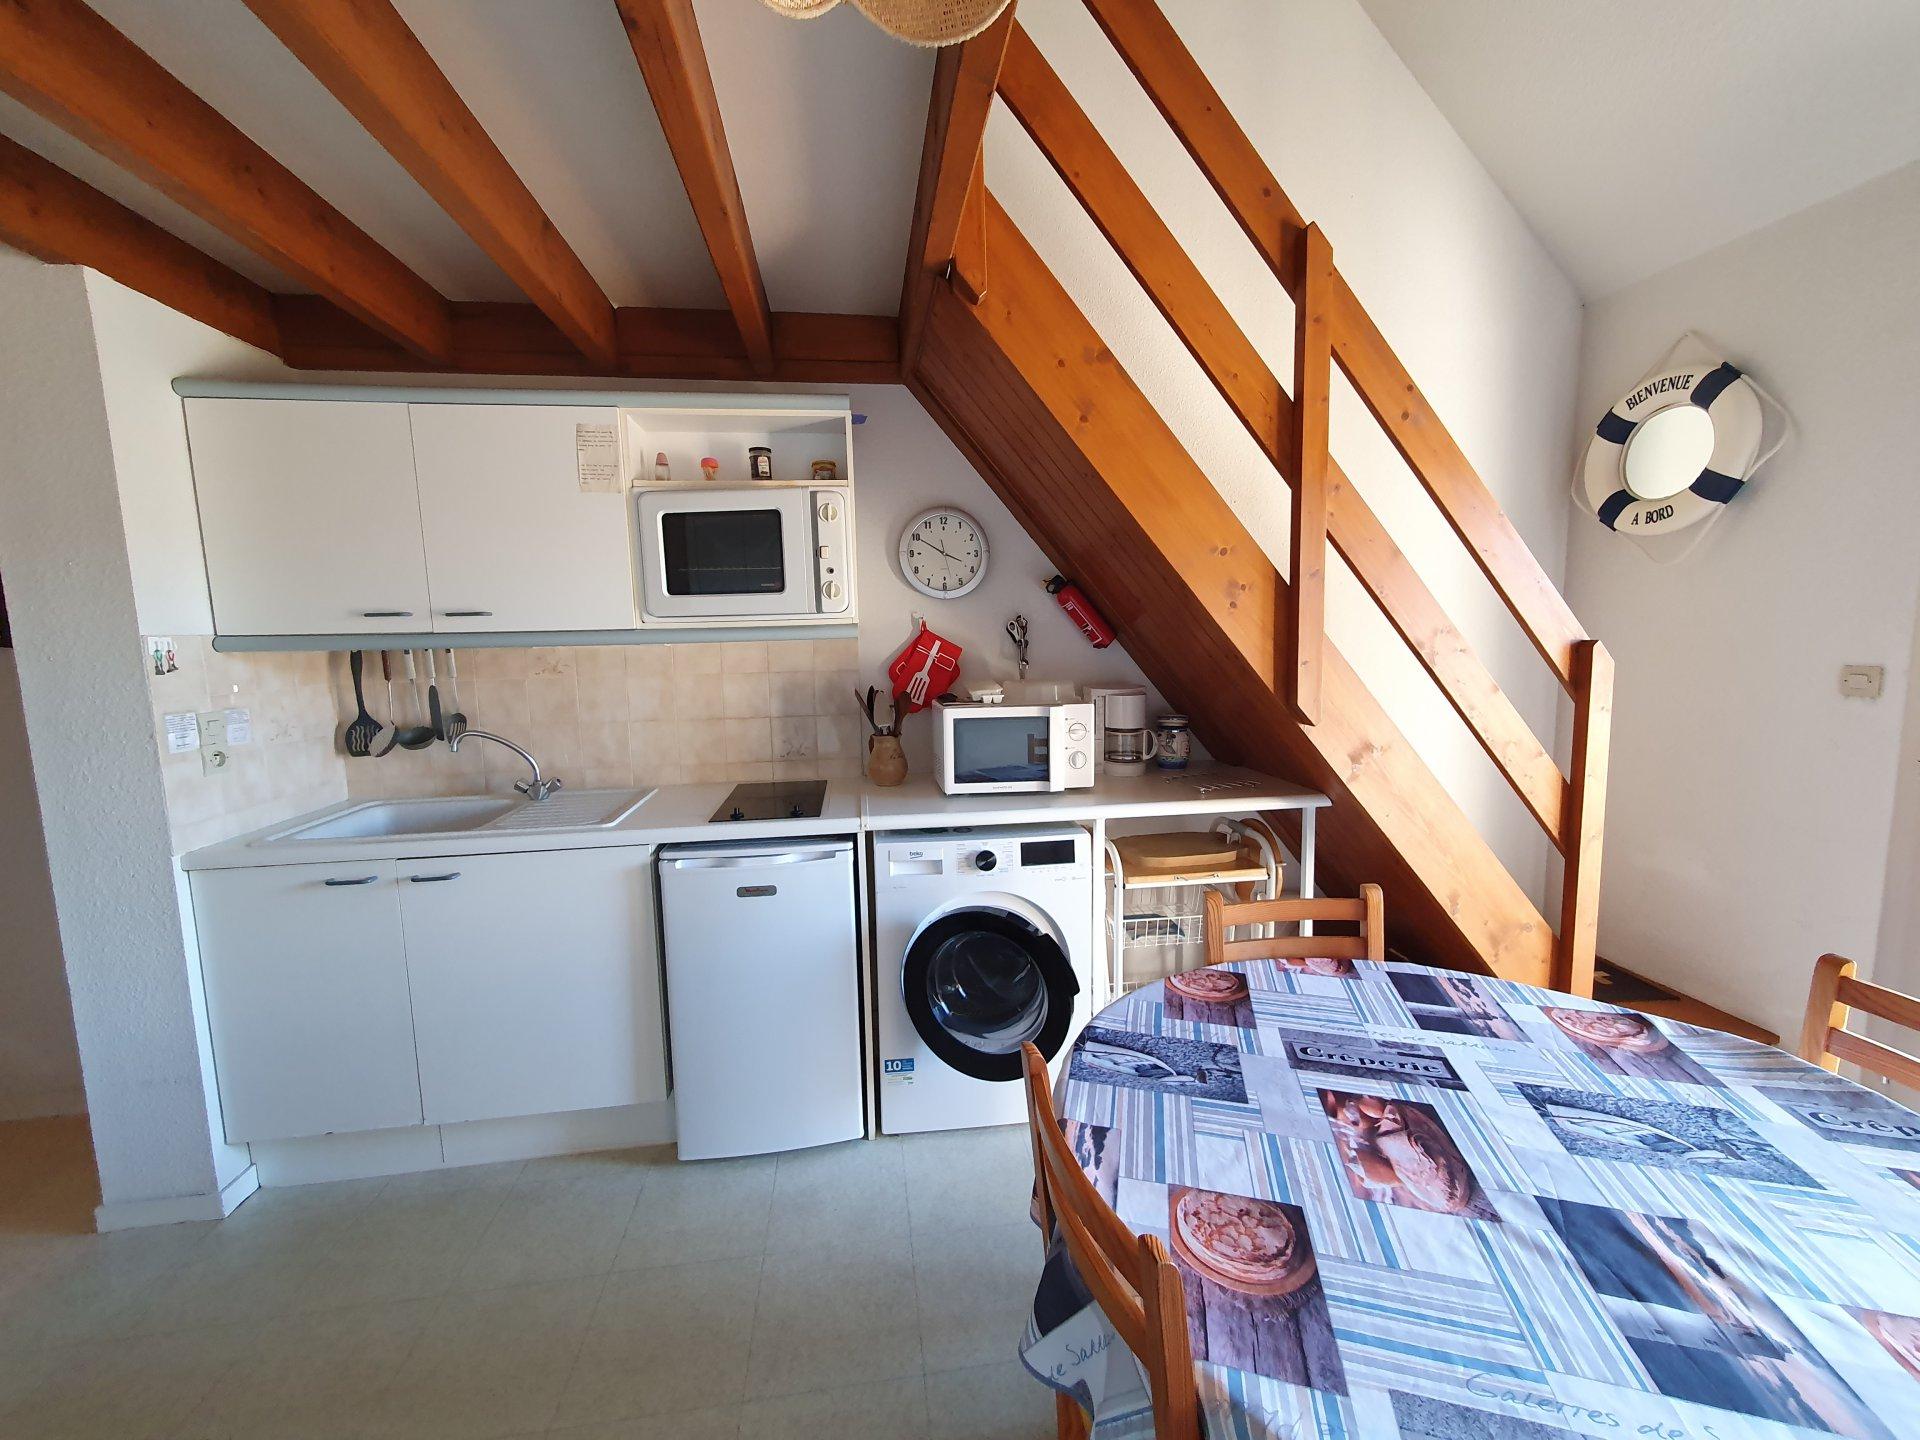 Appartement à louer à Damgan Appartement T3 situé à 300m de la plage et du centre